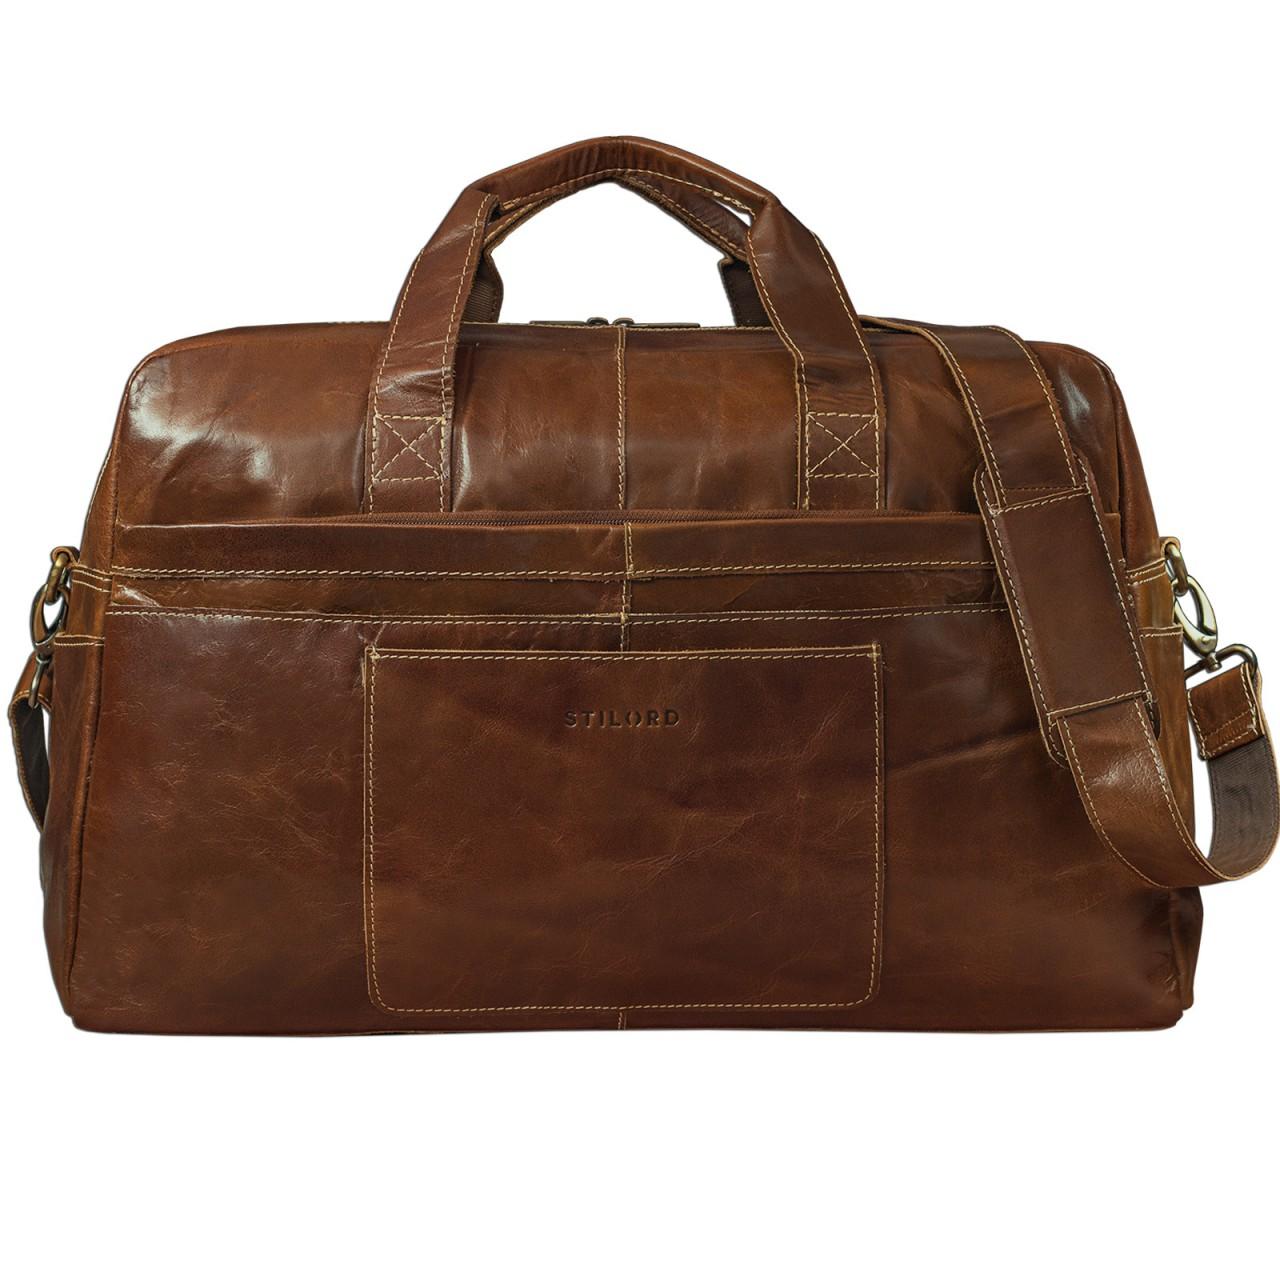 STILORD Vintage Reisetasche Umhängetasche Unisex Weekender für Flugzeug, Handgepäck in Kabinengröße, aus echtem Rinds Leder dunkelbraun - Bild 1